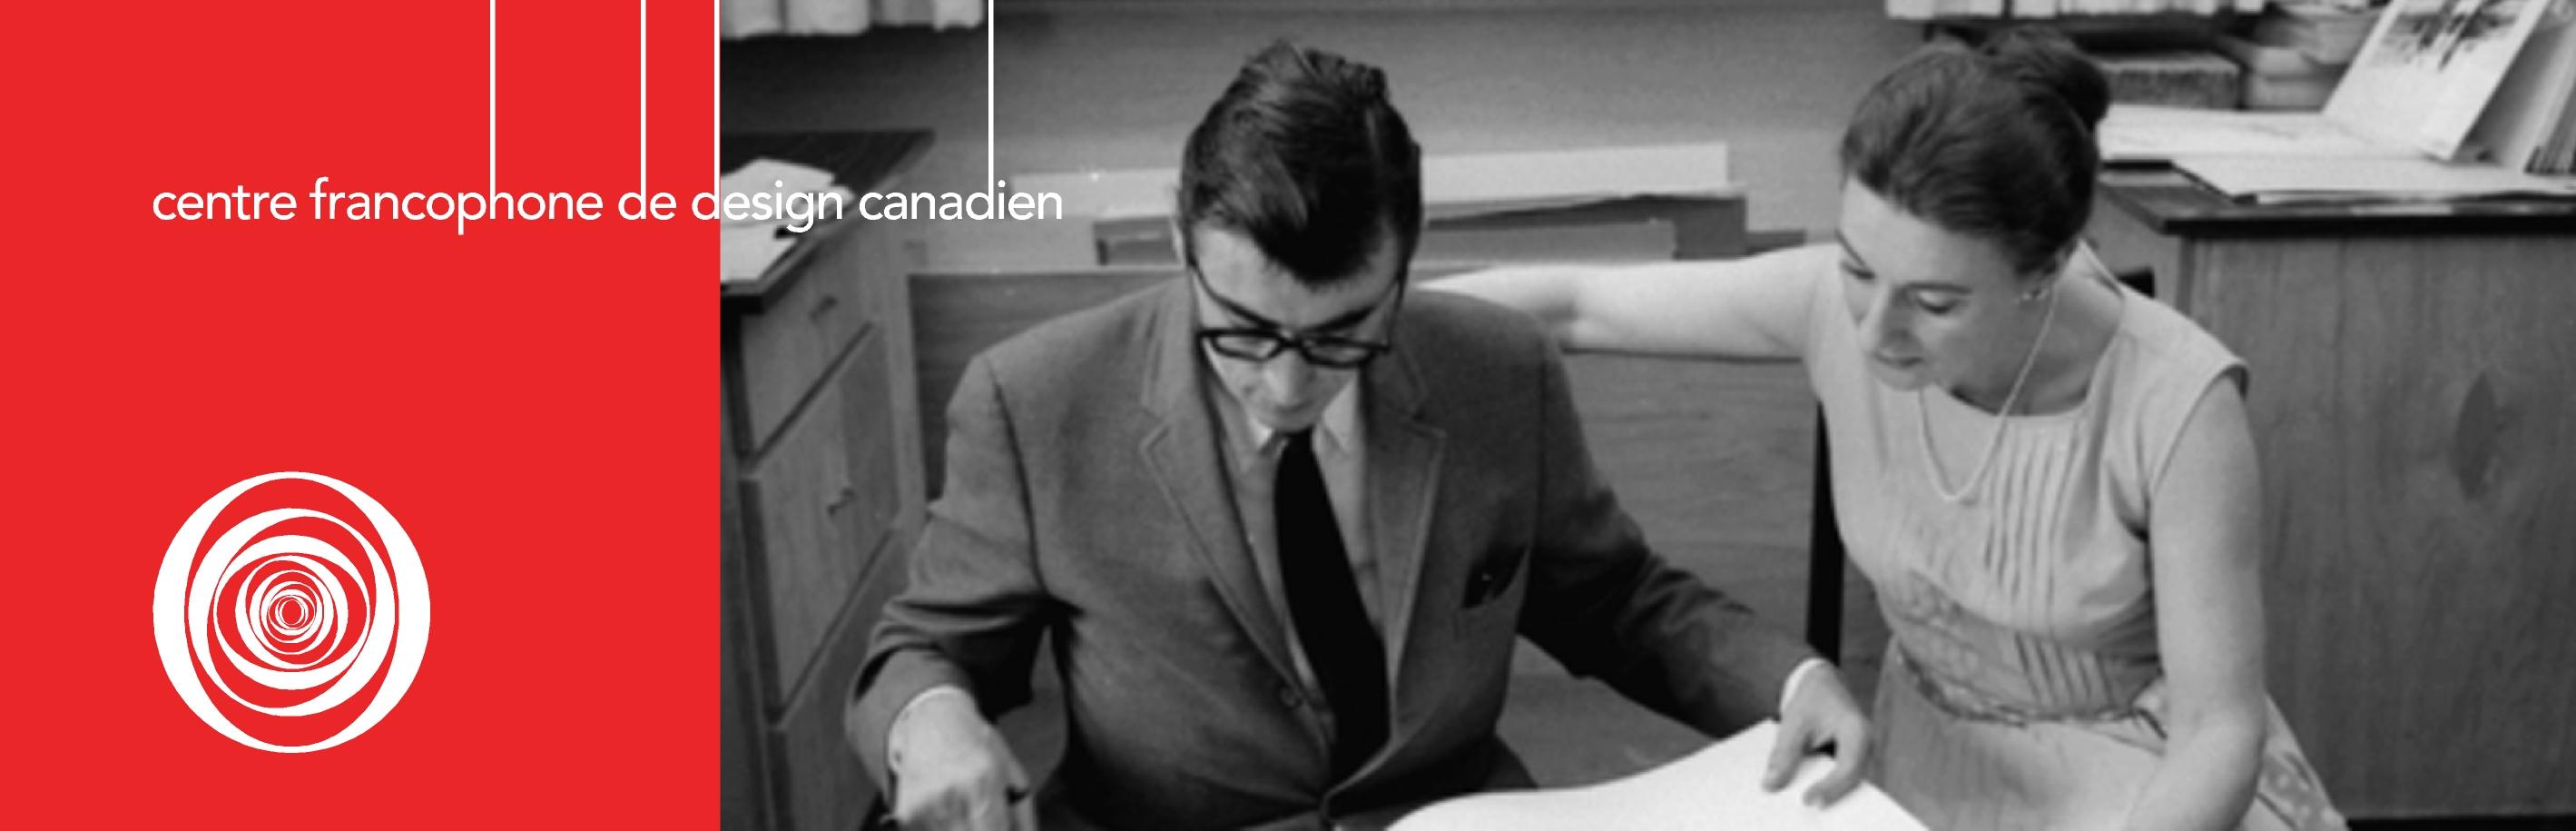 centre francophone de design canadien